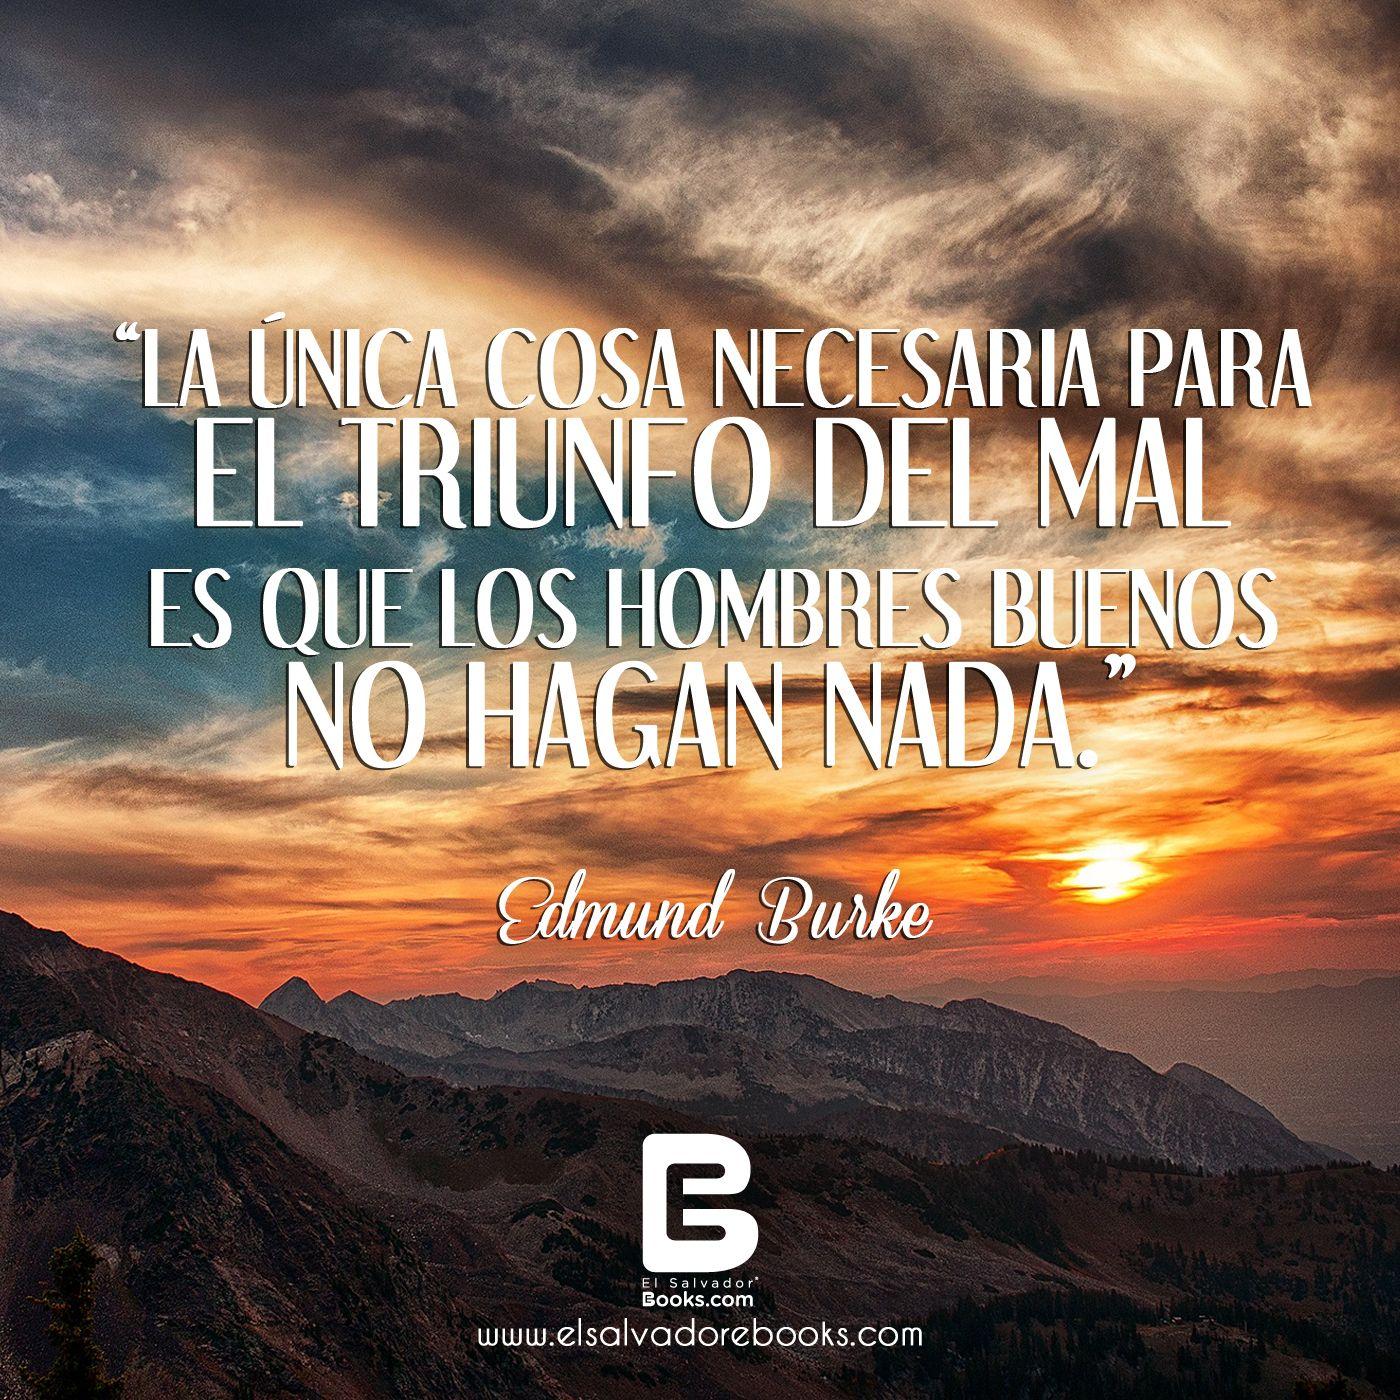 """""""La única cosa necesaria para el triunfo del mal es que los hombres buenos no hagan nada."""" — Edmund Burke —    Visítanos: http://www.elsalvadorebooks.com"""